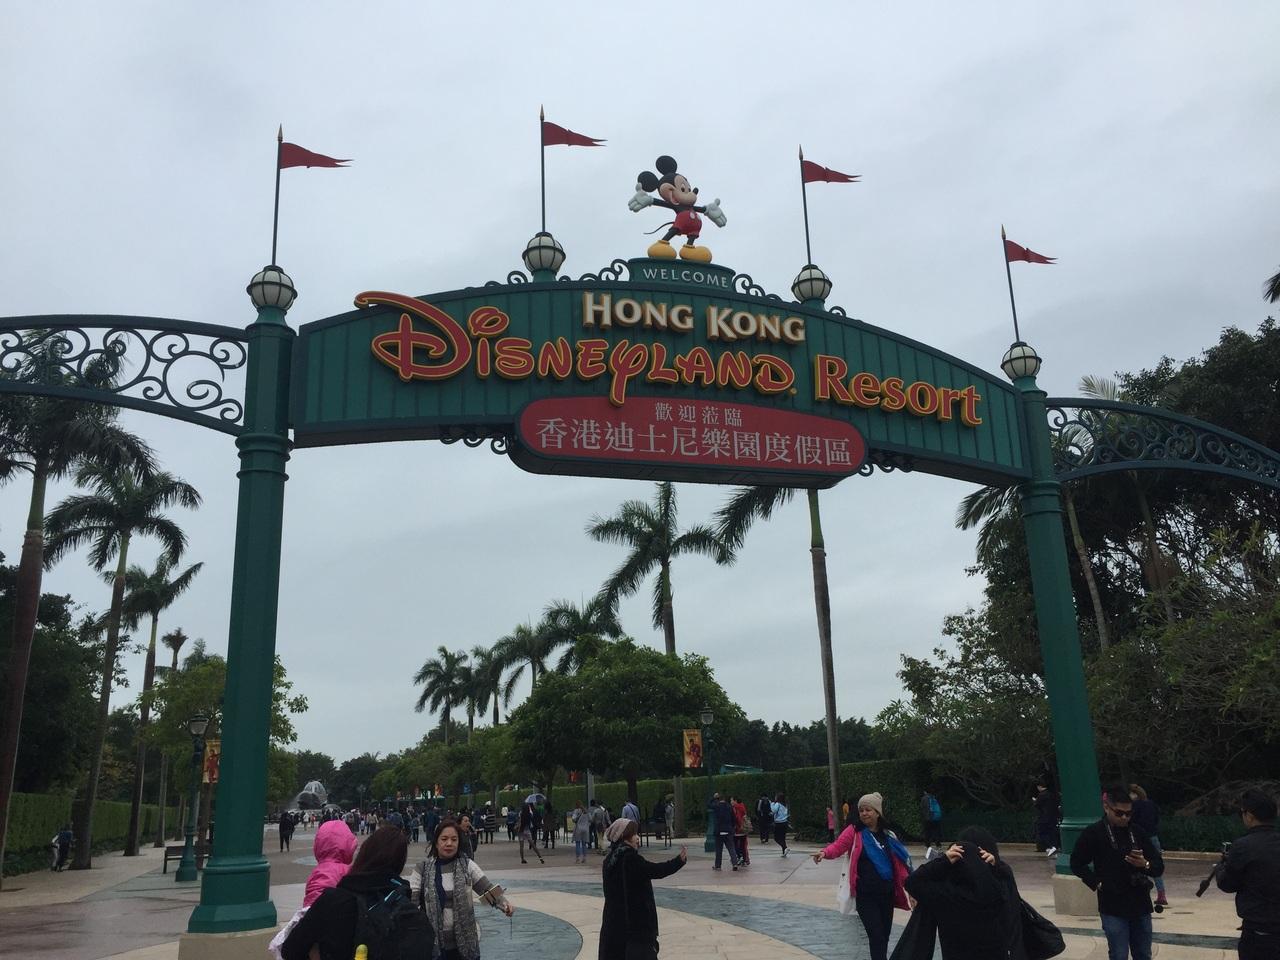 香港ディズニーリゾート満喫旅行~2~』香港(香港)の旅行記・ブログ by